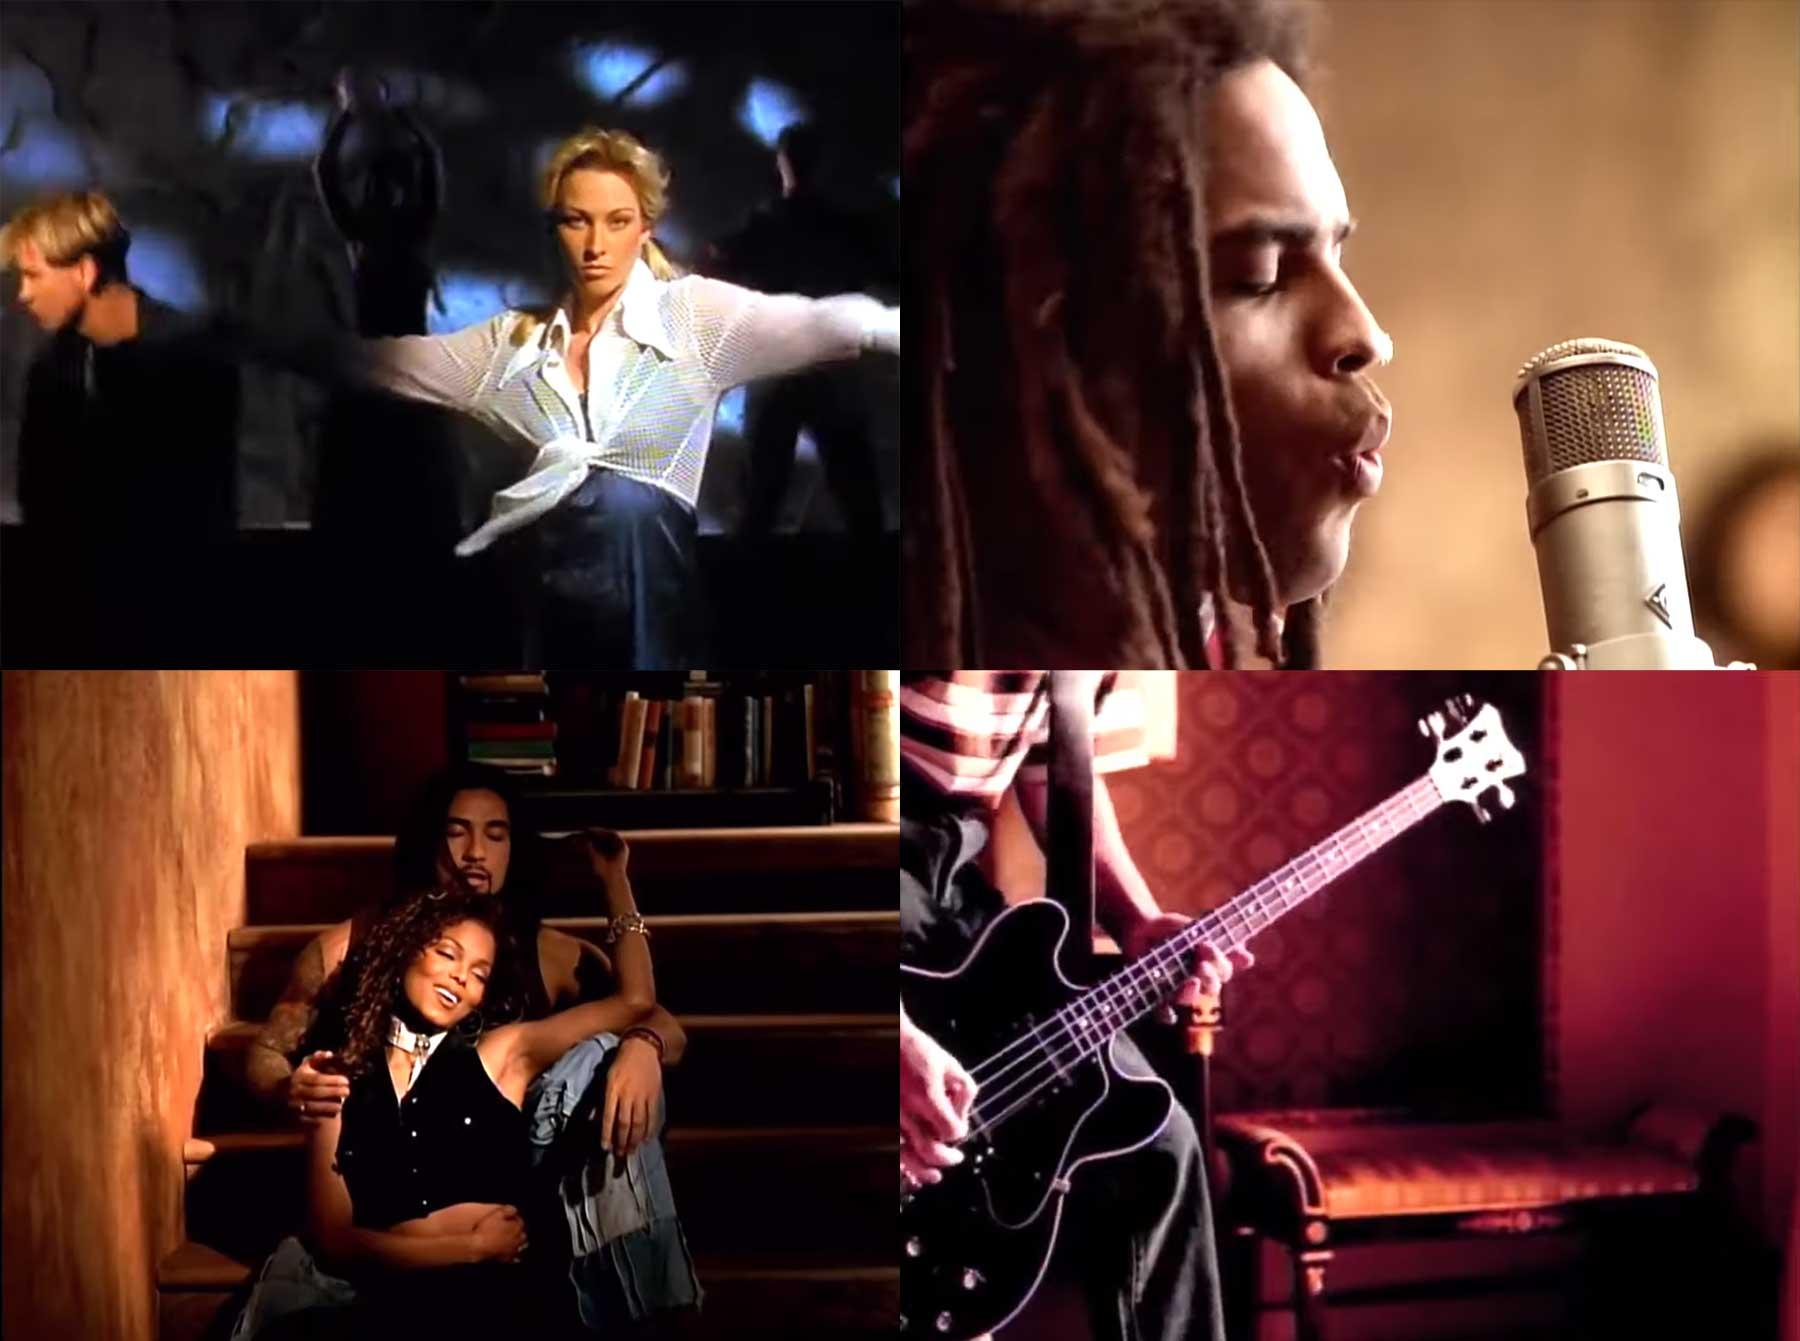 Mashup: Die besten Songs des Jahres 1993 im 3½-Minuten-Mix